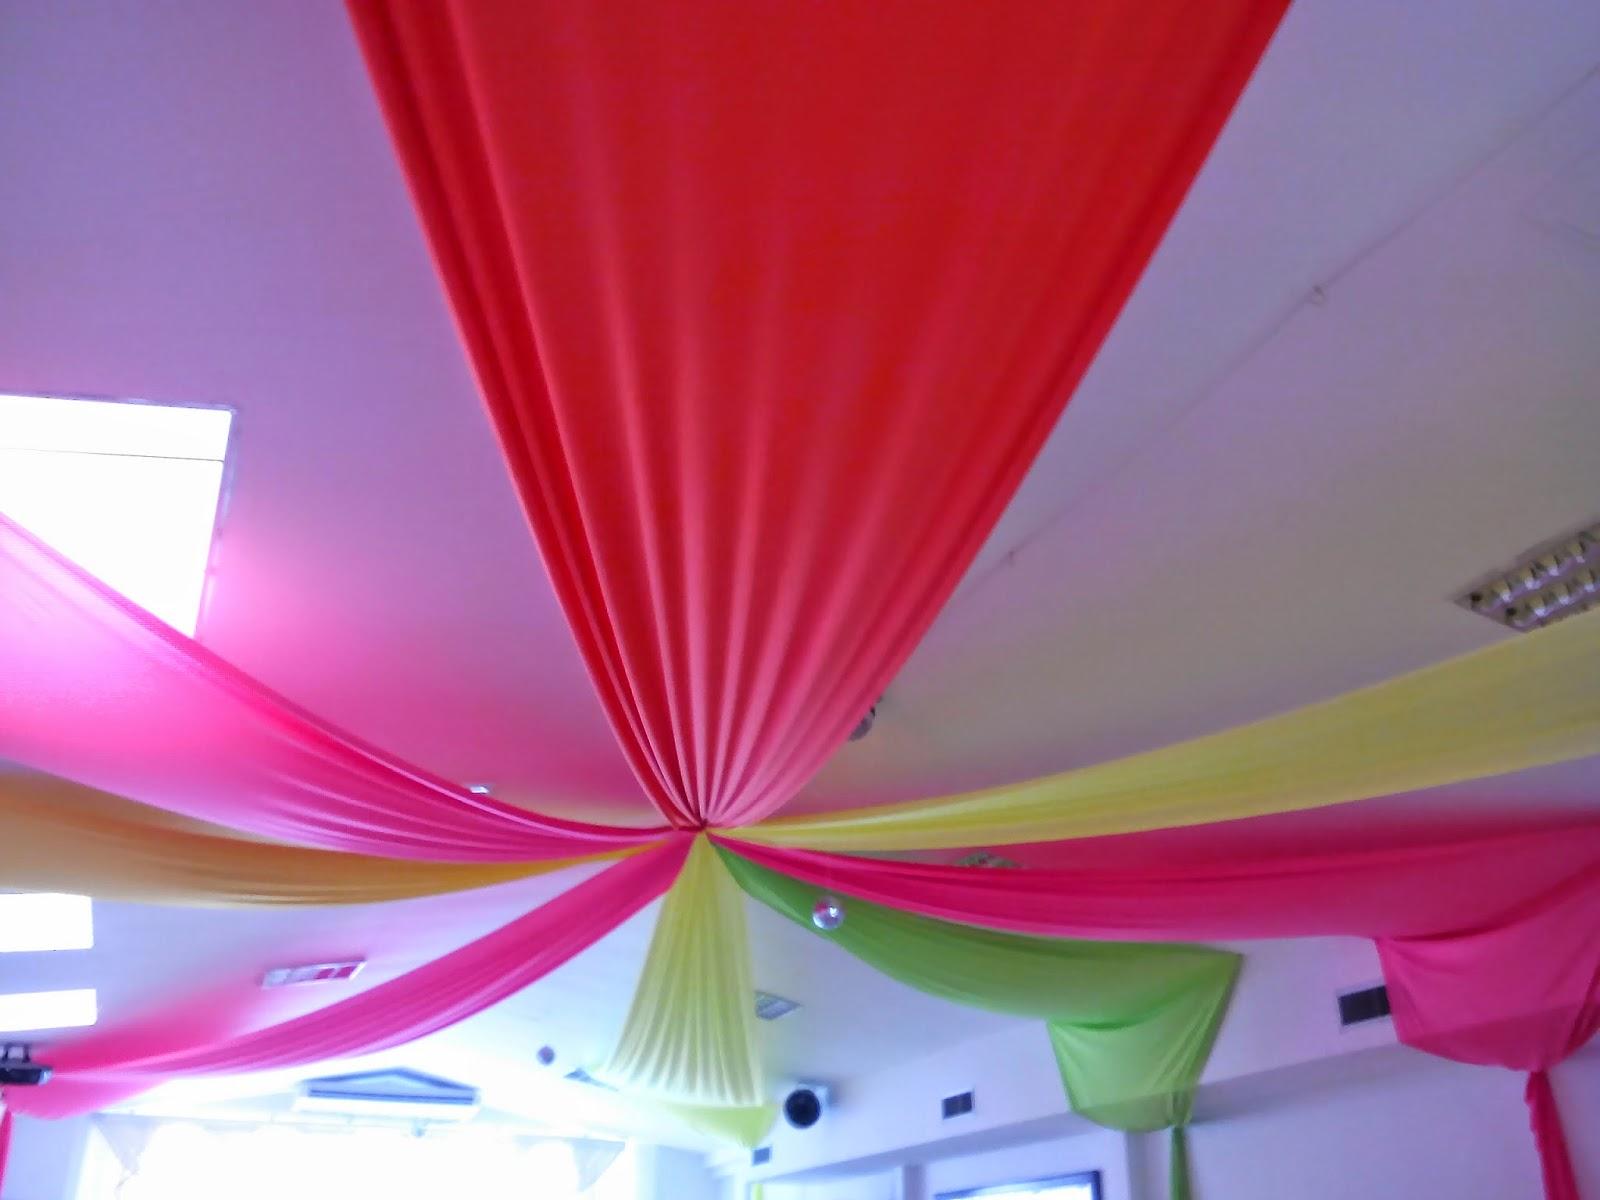 las ultimas tendencias de la moda en cuanto a eventos se refiere es decorar los techos con telas o velos ya sean de varios tonos o un solo color